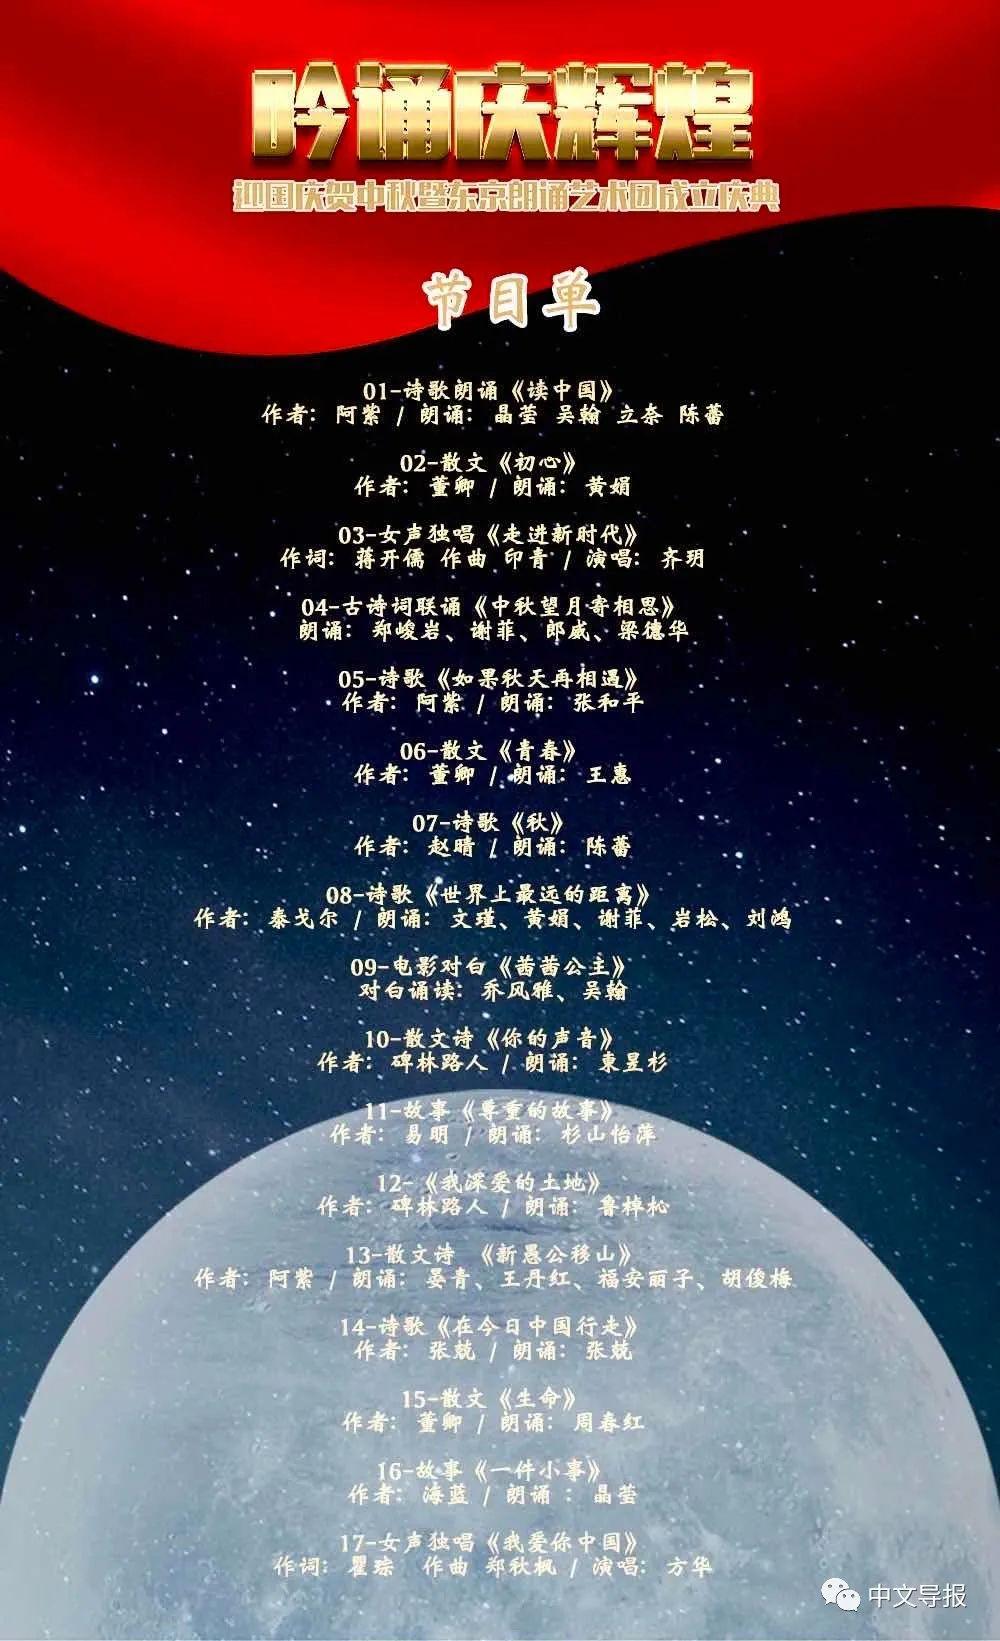 日本华侨华人庆囯庆迎中秋:全华联艺术团等精彩演出视频呈现